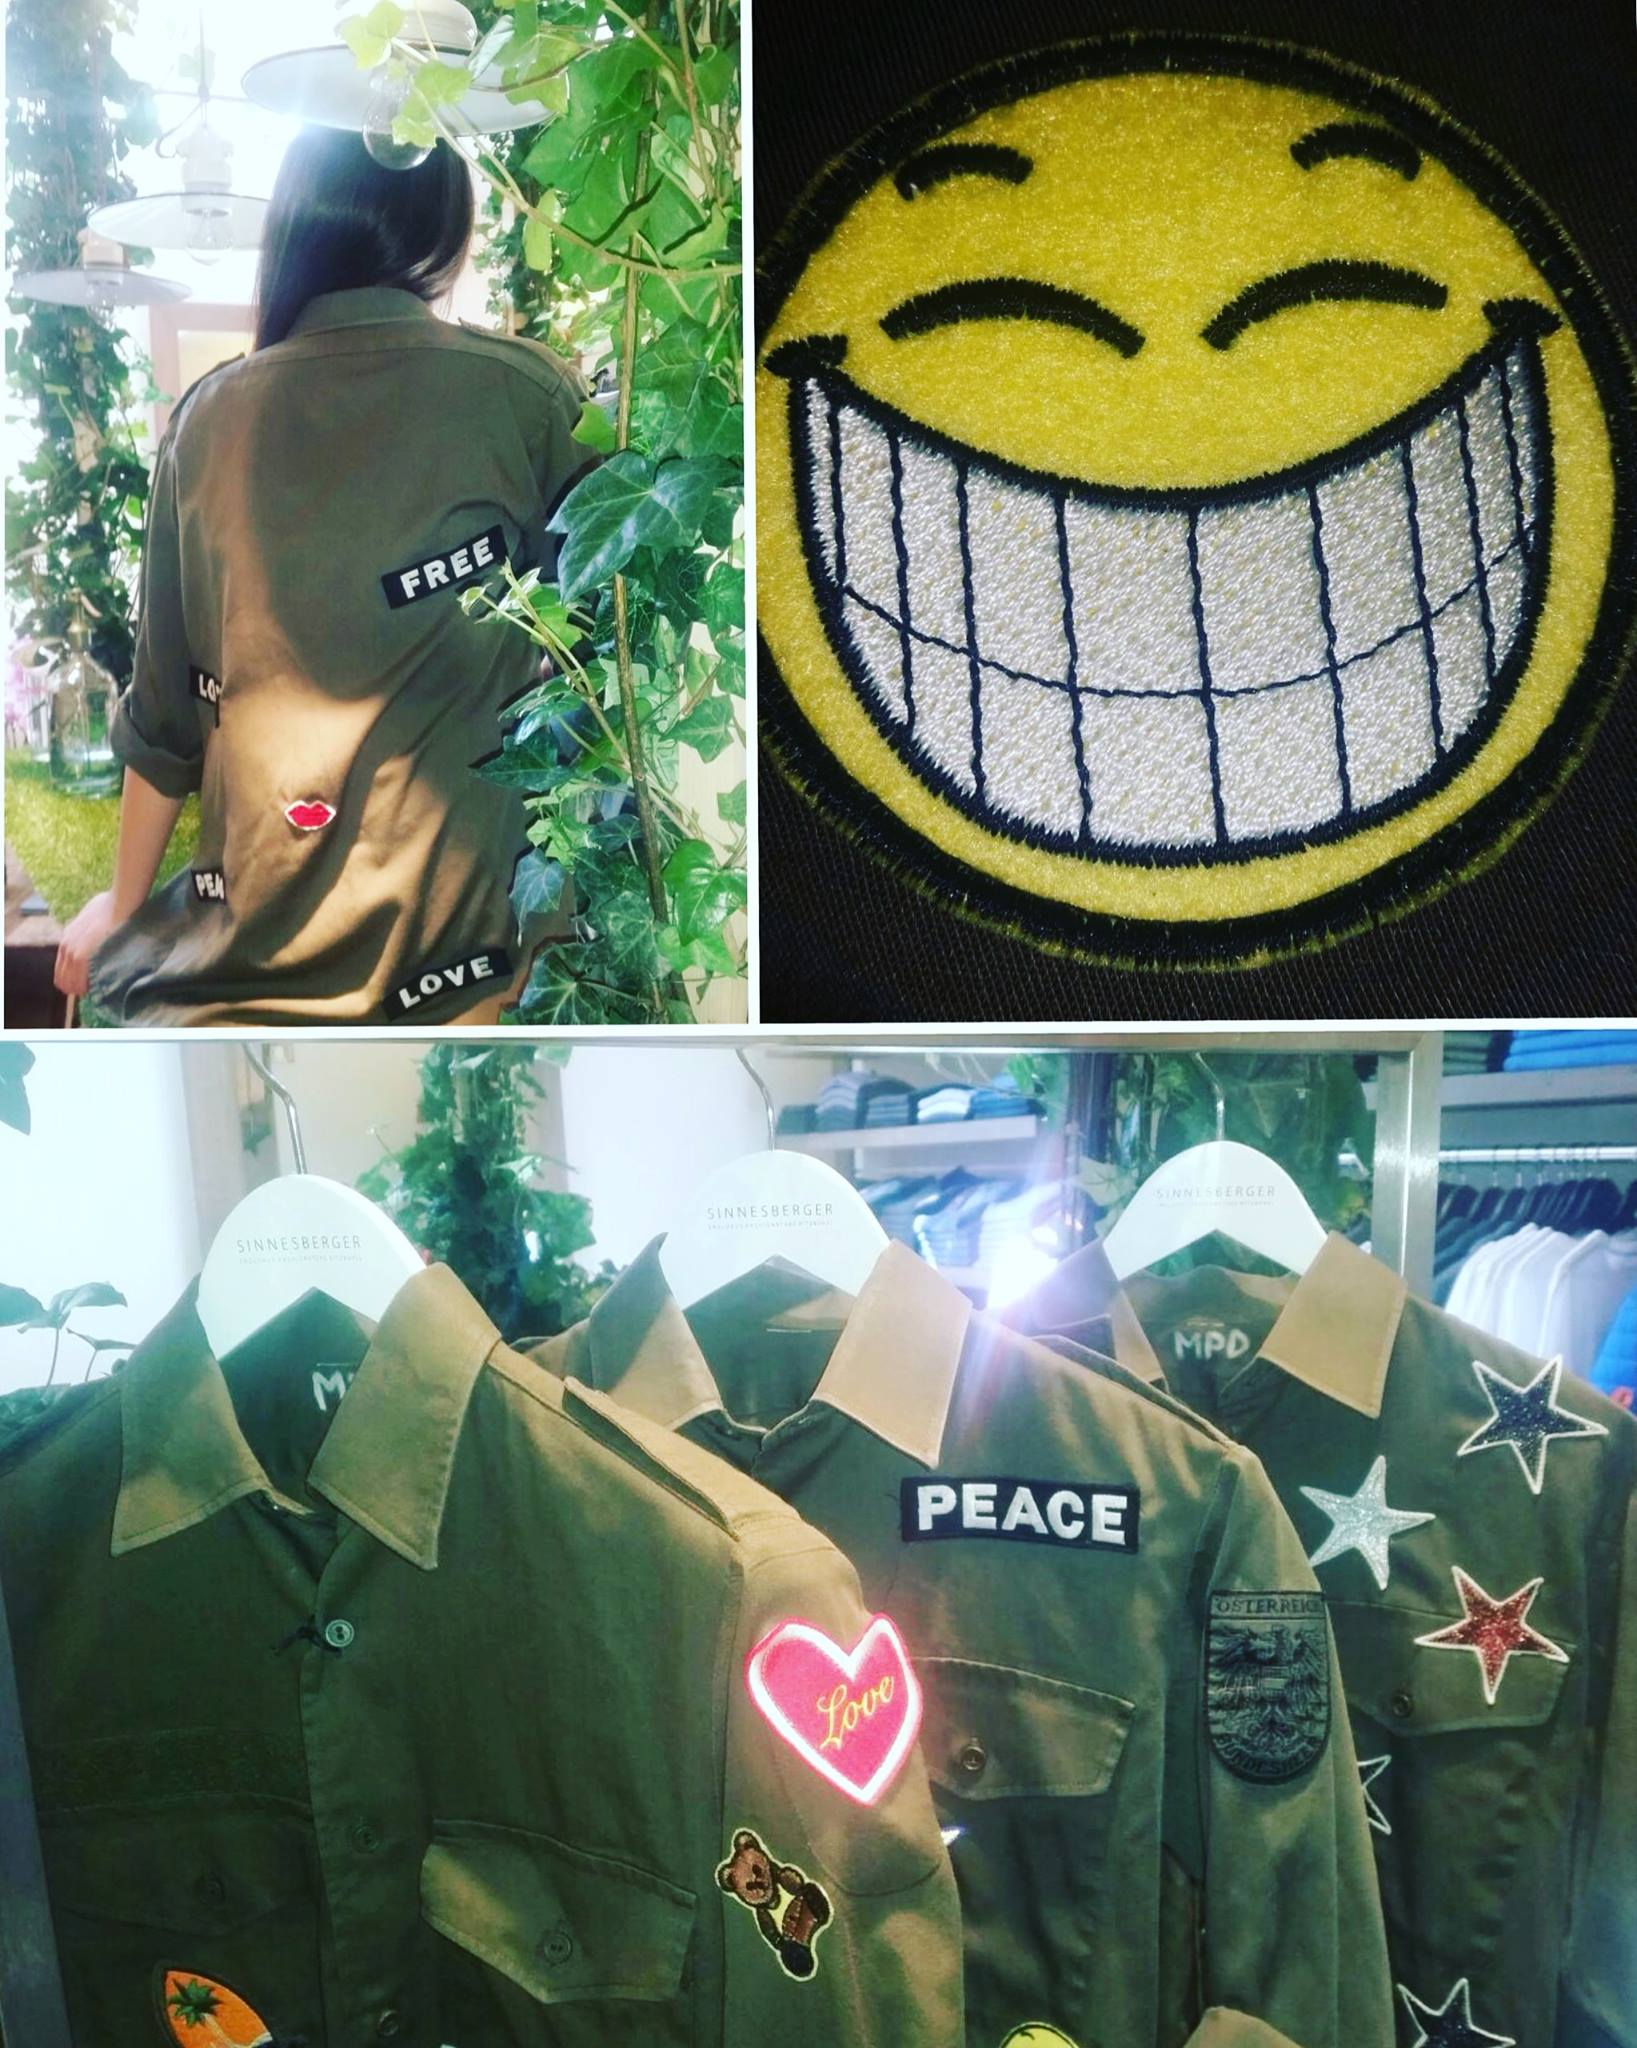 Militaryhemden mit Patches von MPD - Sinnesberger Englhaus Fashion Store Kitzbühel